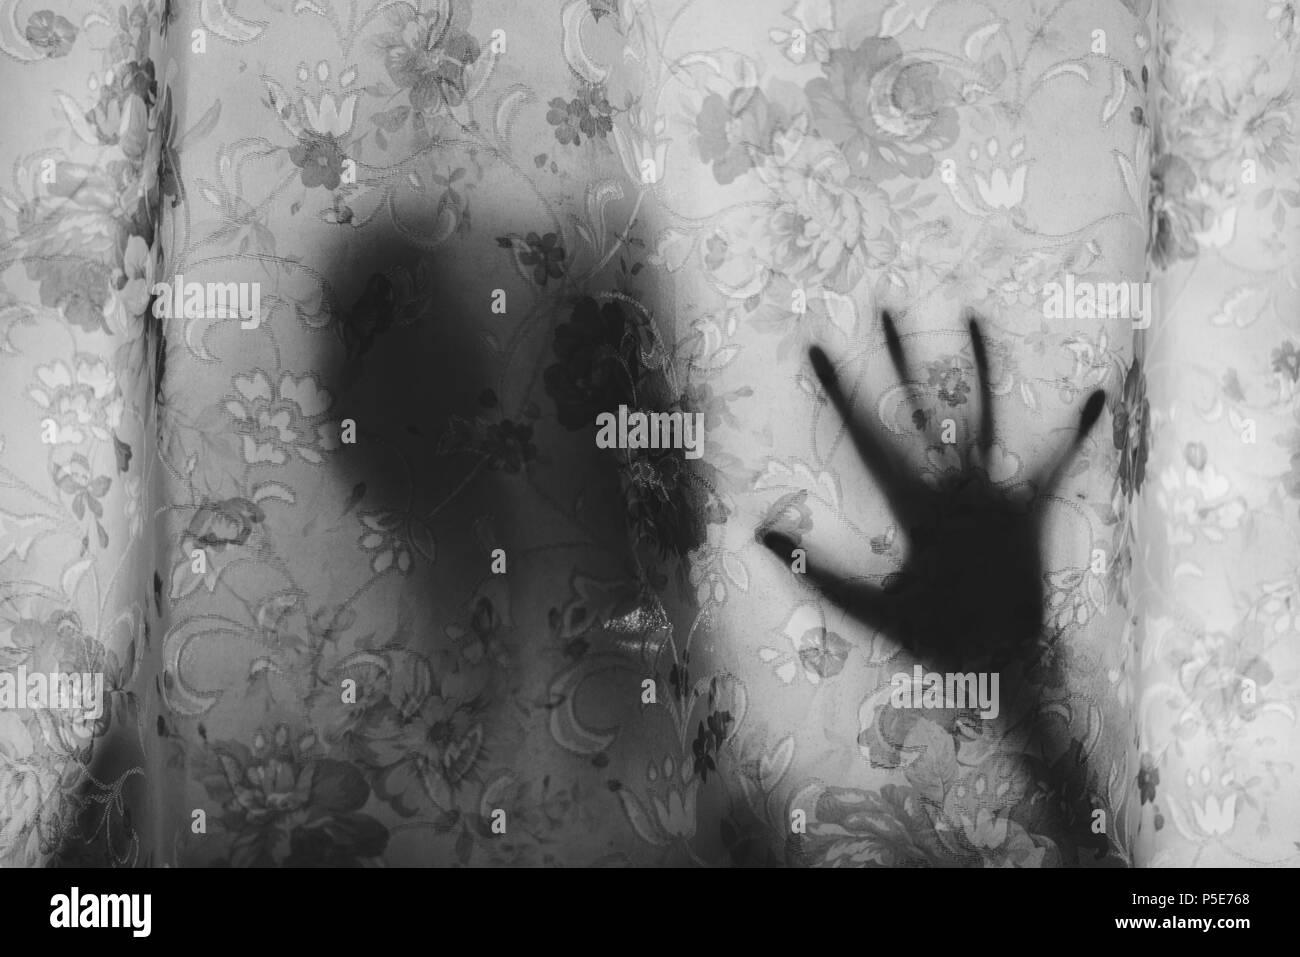 Schwarz-weiß-Bild der geheimnisvollen menschlichen Schatten hinter einem Vorhang. Angst, Mystery, unheimlich, gruselig und paranormale Konzept Stockbild